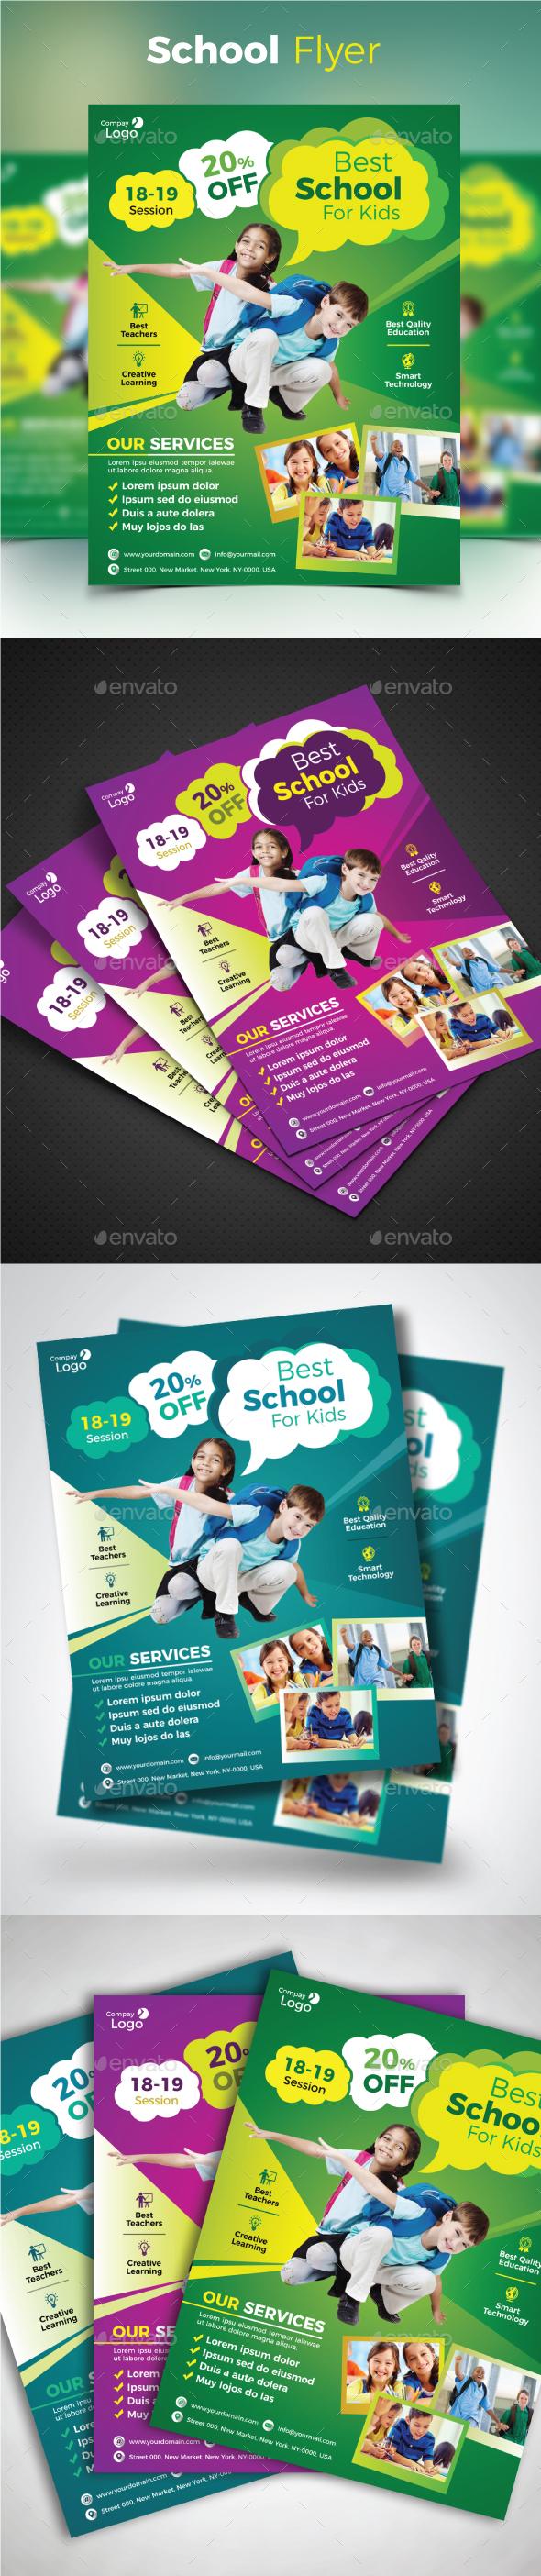 GraphicRiver School Flyer 20622620